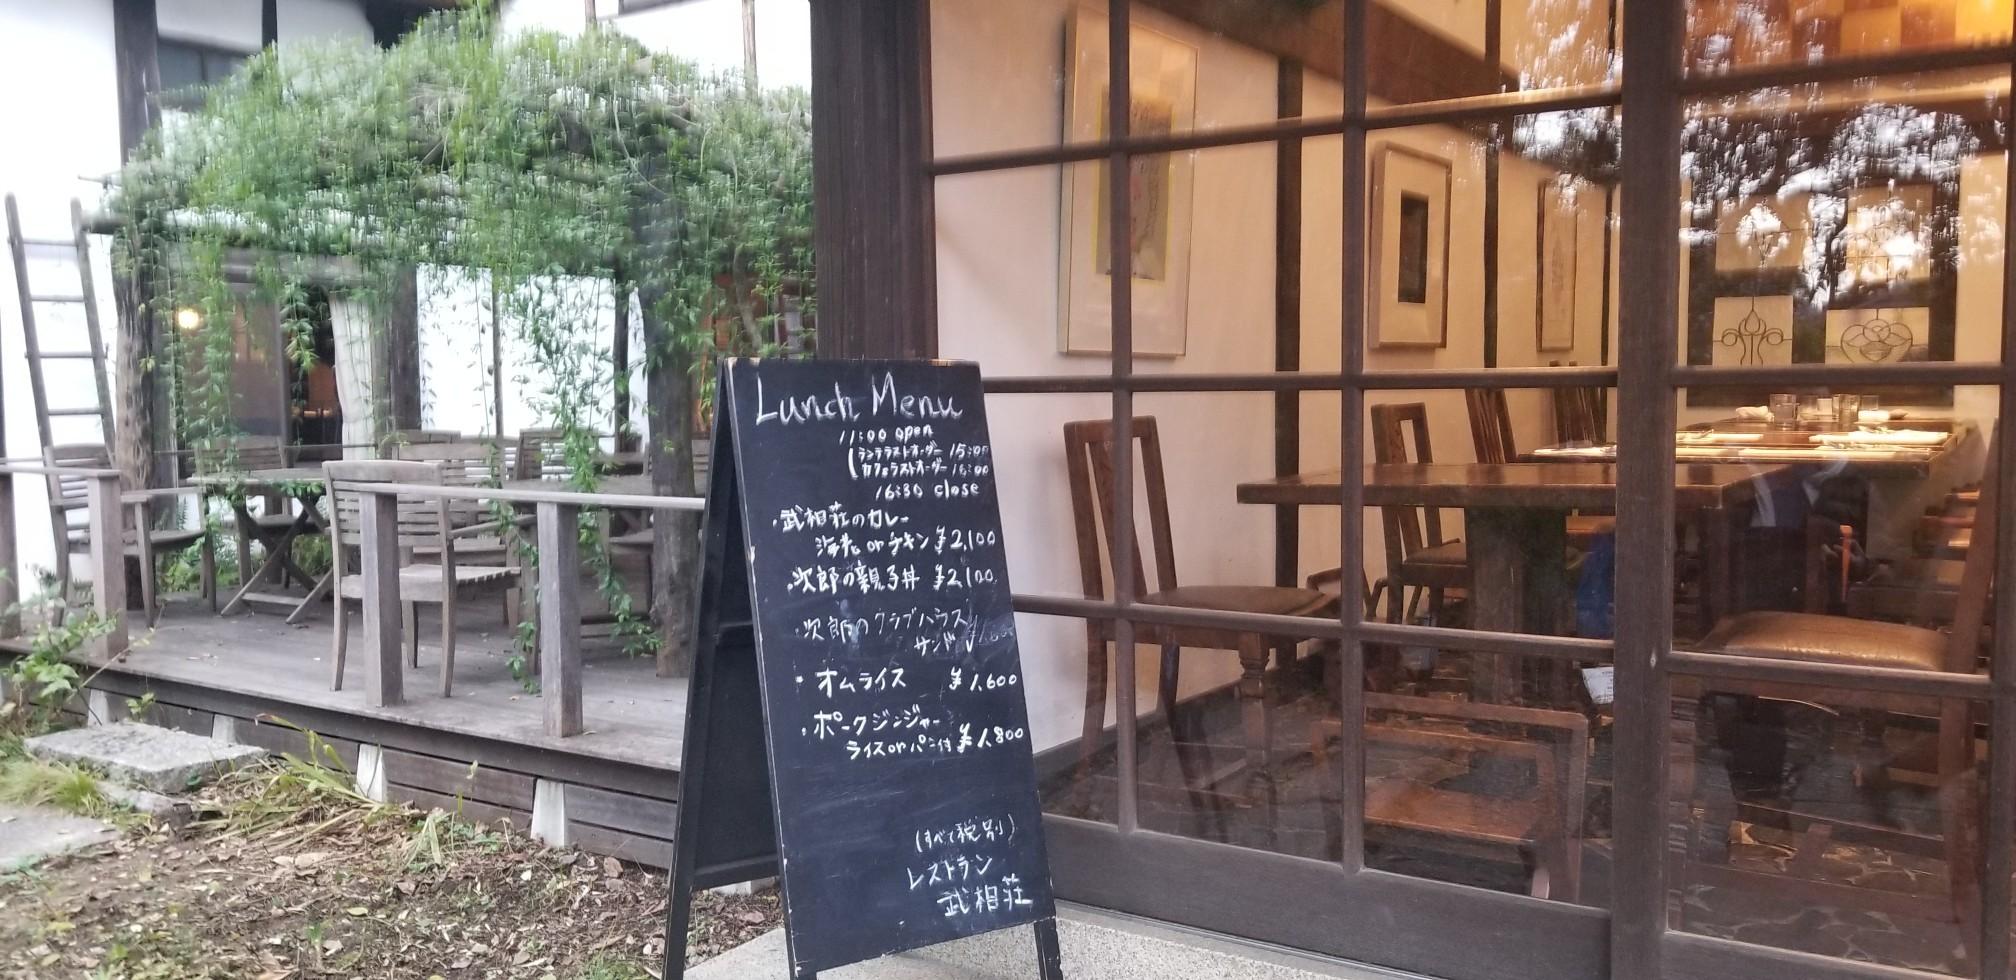 ♪食欲の秋満喫★女子会(武相荘)_d0162225_23442957.jpg